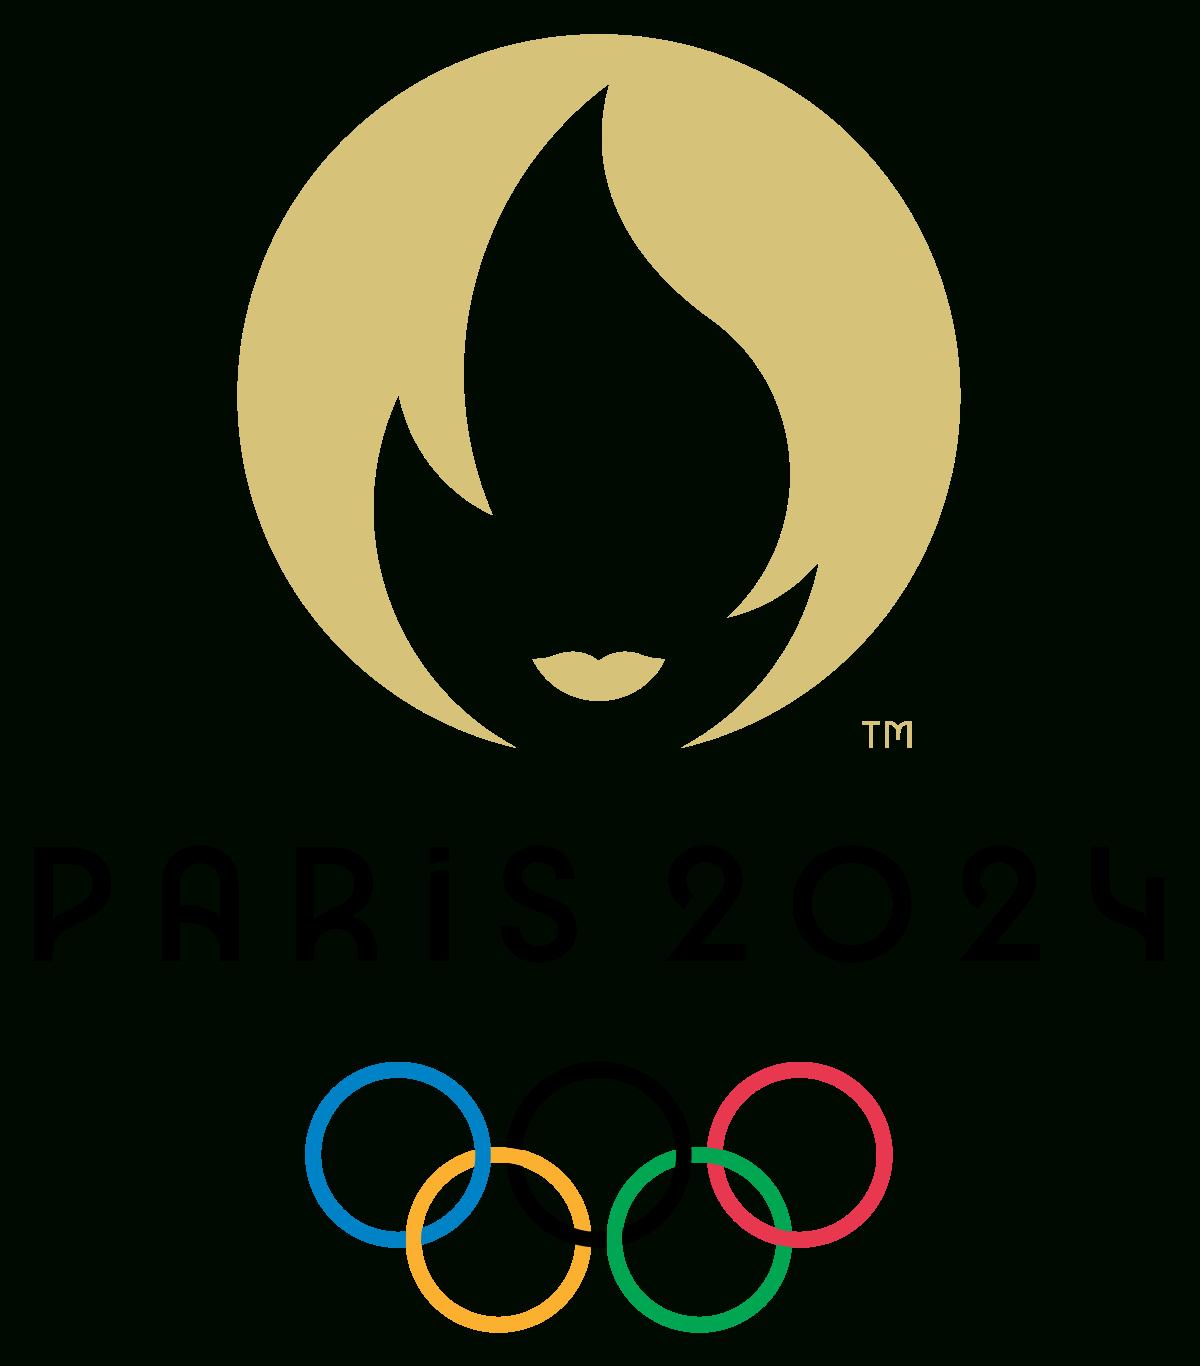 Jeux Olympiques D'été De 2024 — Wikipédia encequiconcerne Jeux 2 Ans En Ligne